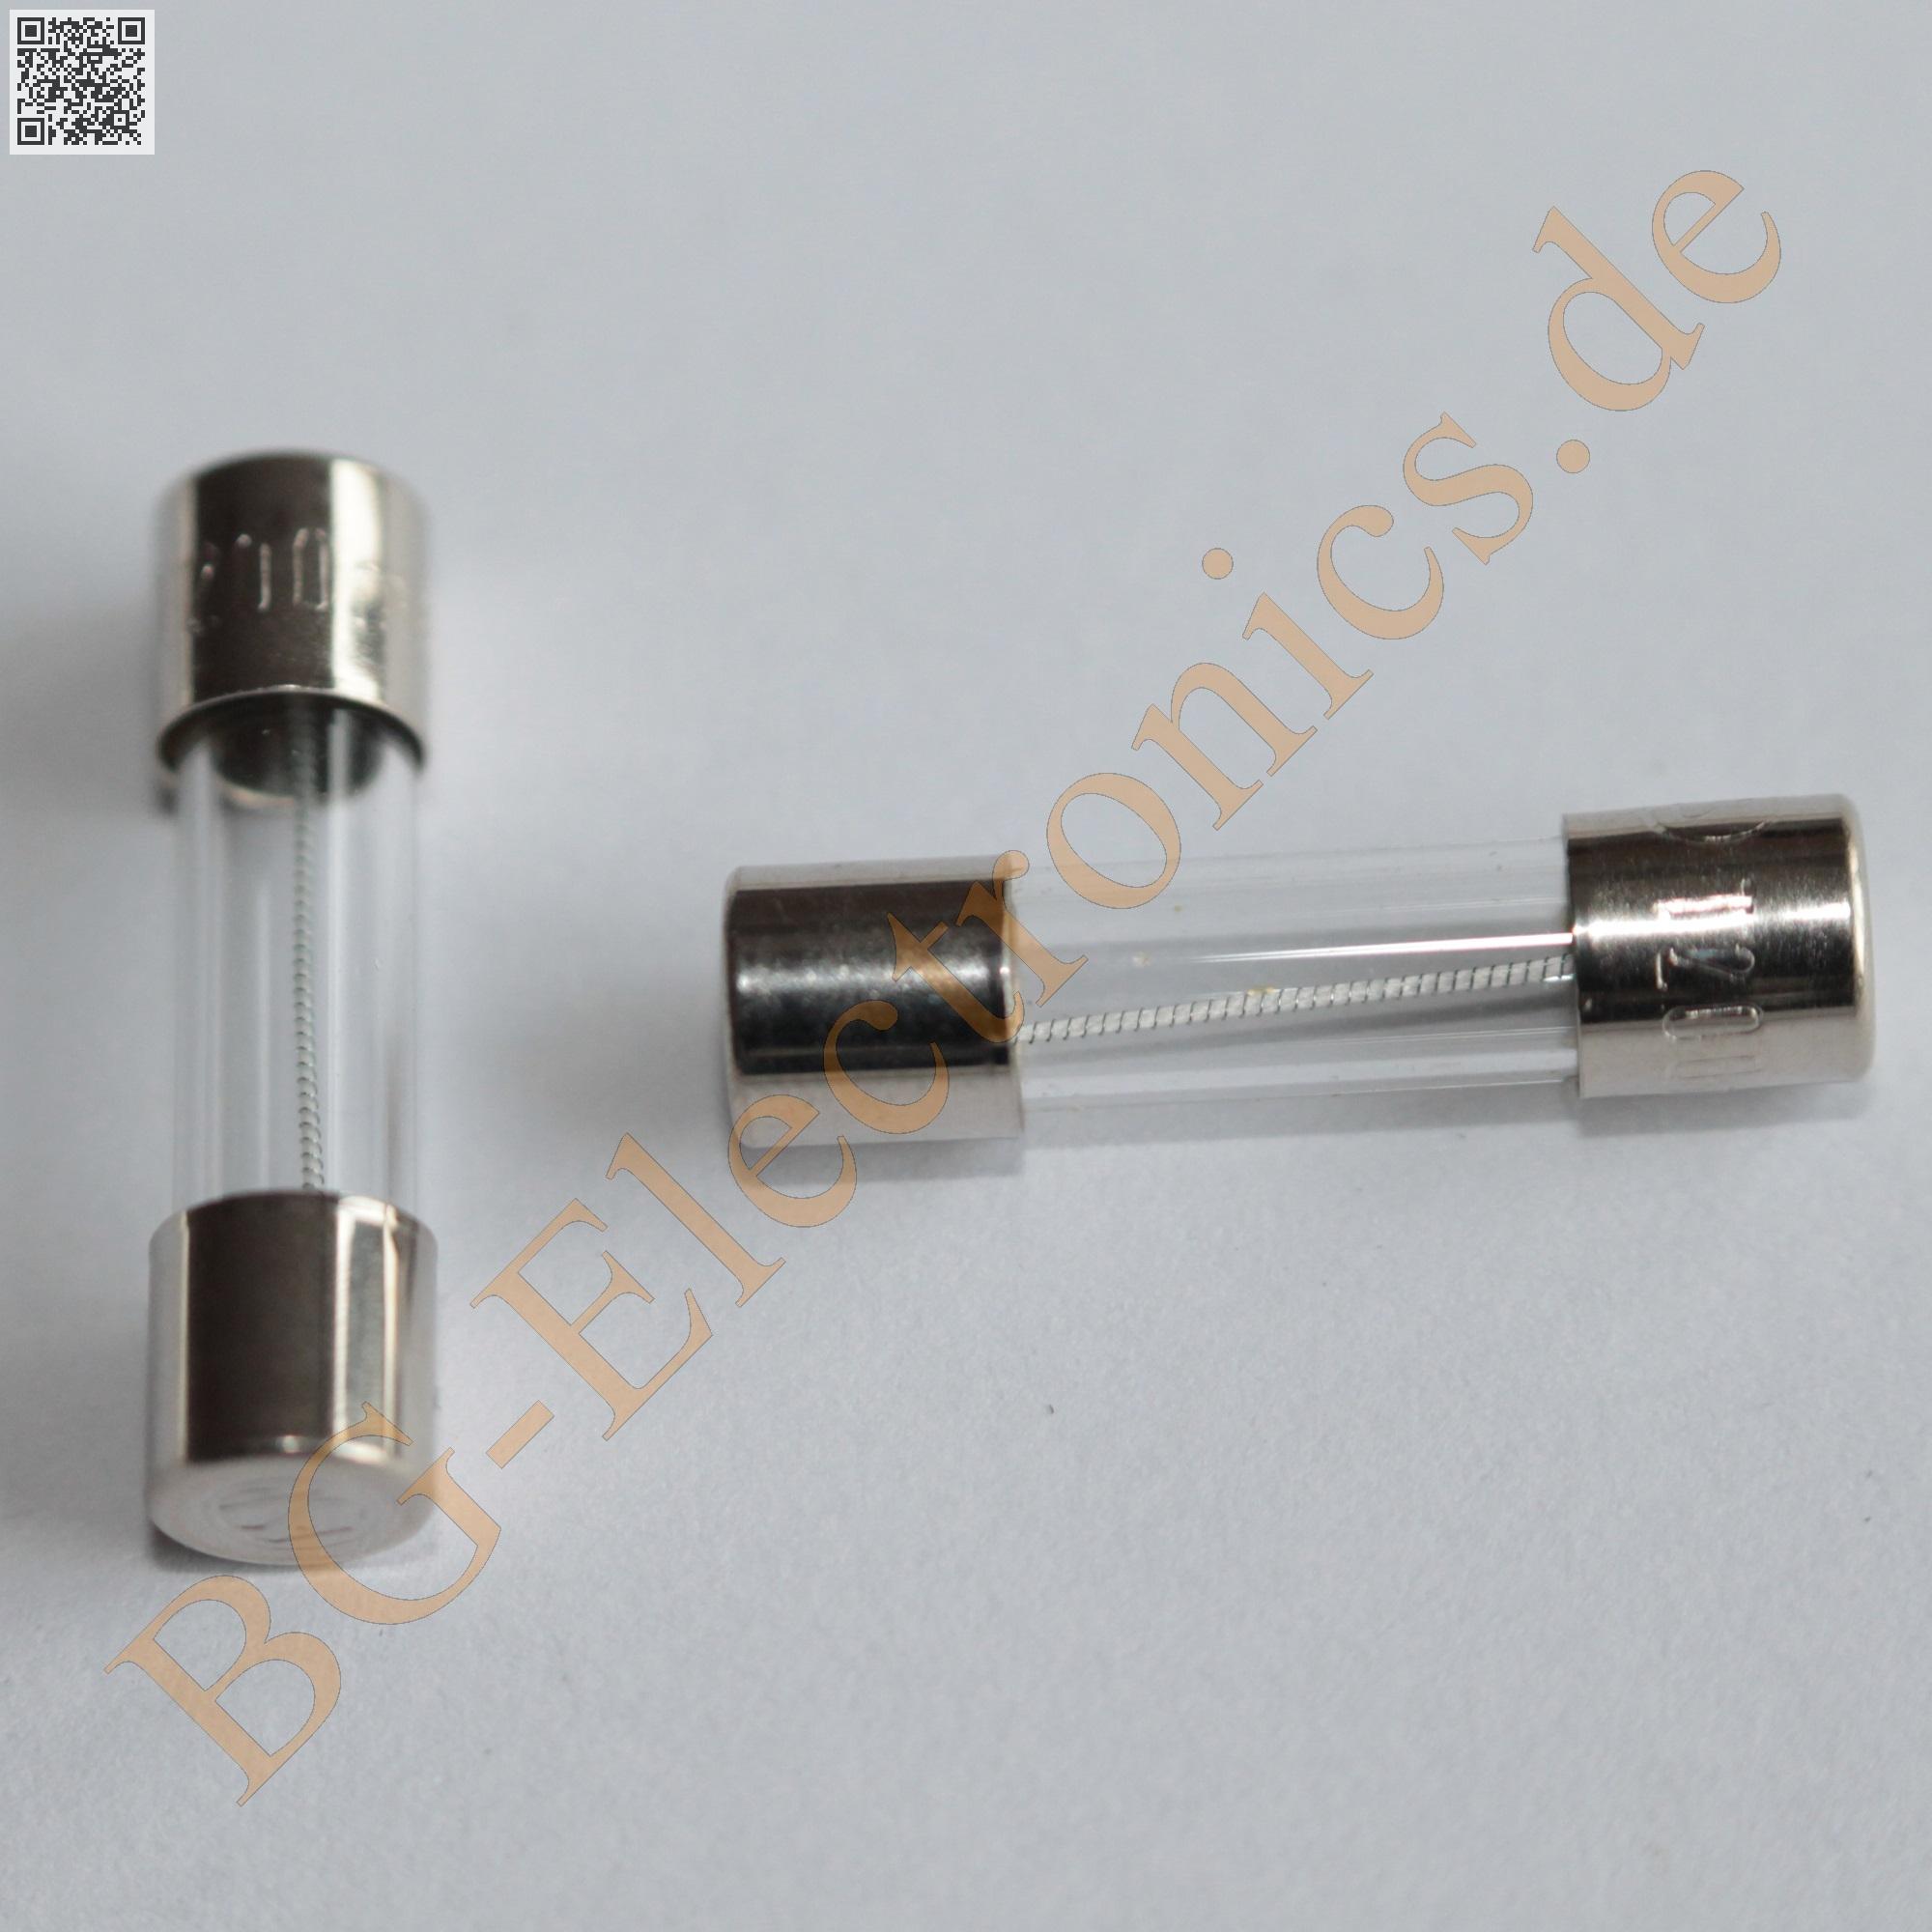 10 x F 5,00A  Feinsicherungen Fuse Miniature Glassicherunge Eska 5x20mm 10pcs